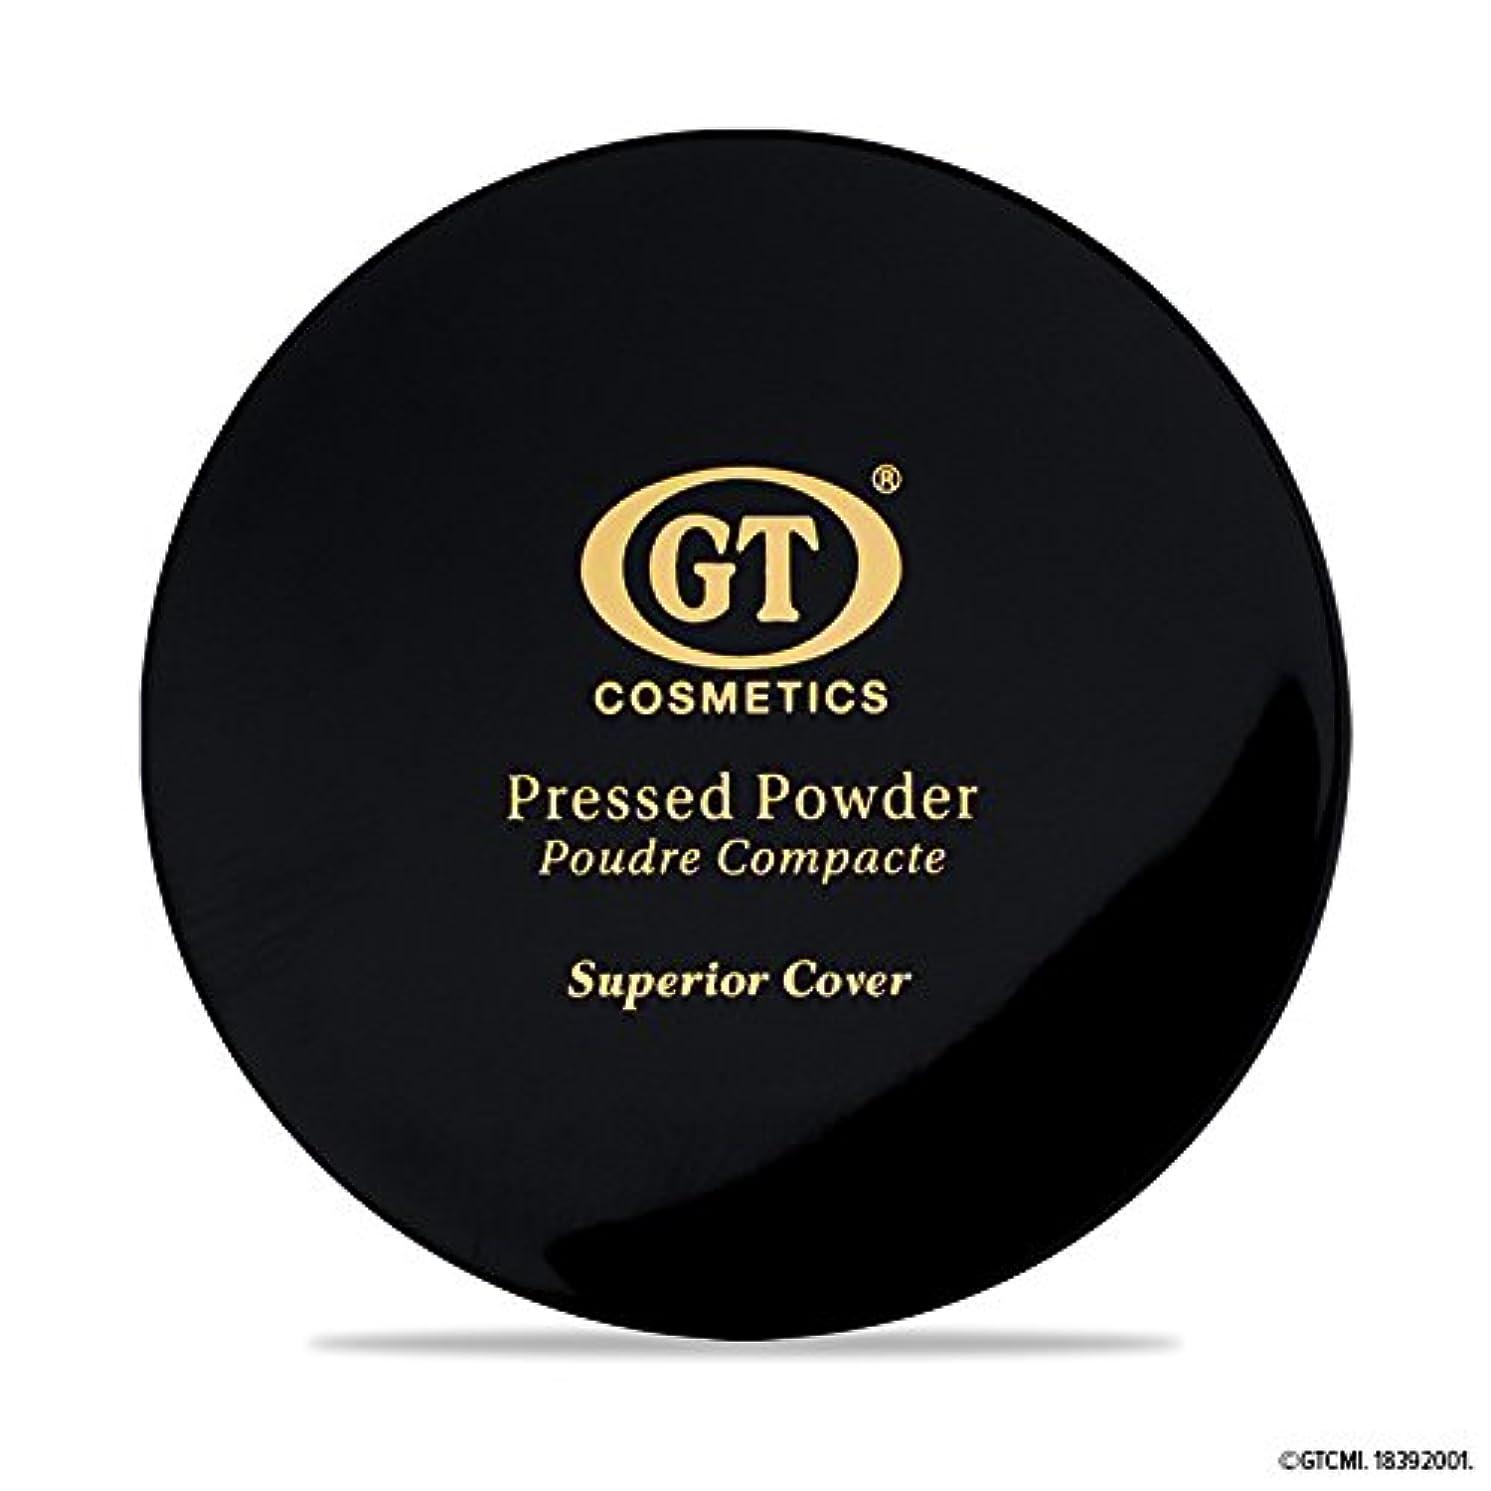 意志に反するゴネリル前部GTpressed powder ライトベージュ SPF20 正規輸入代理店 日本初上陸 コスメティック オーガニック ファンデーション